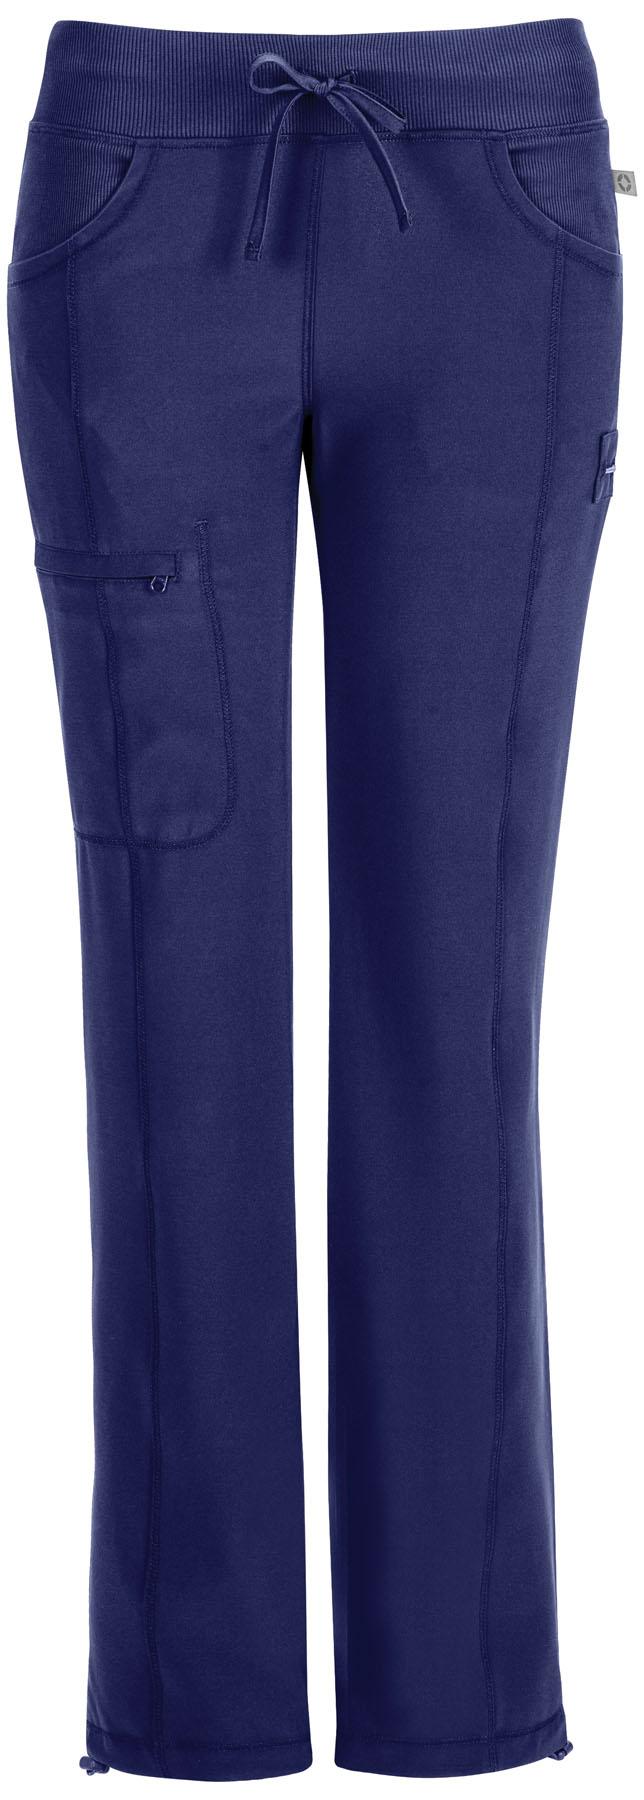 Pantalones Medicos Antimicrobianos Elasticos 1123a Cherokee